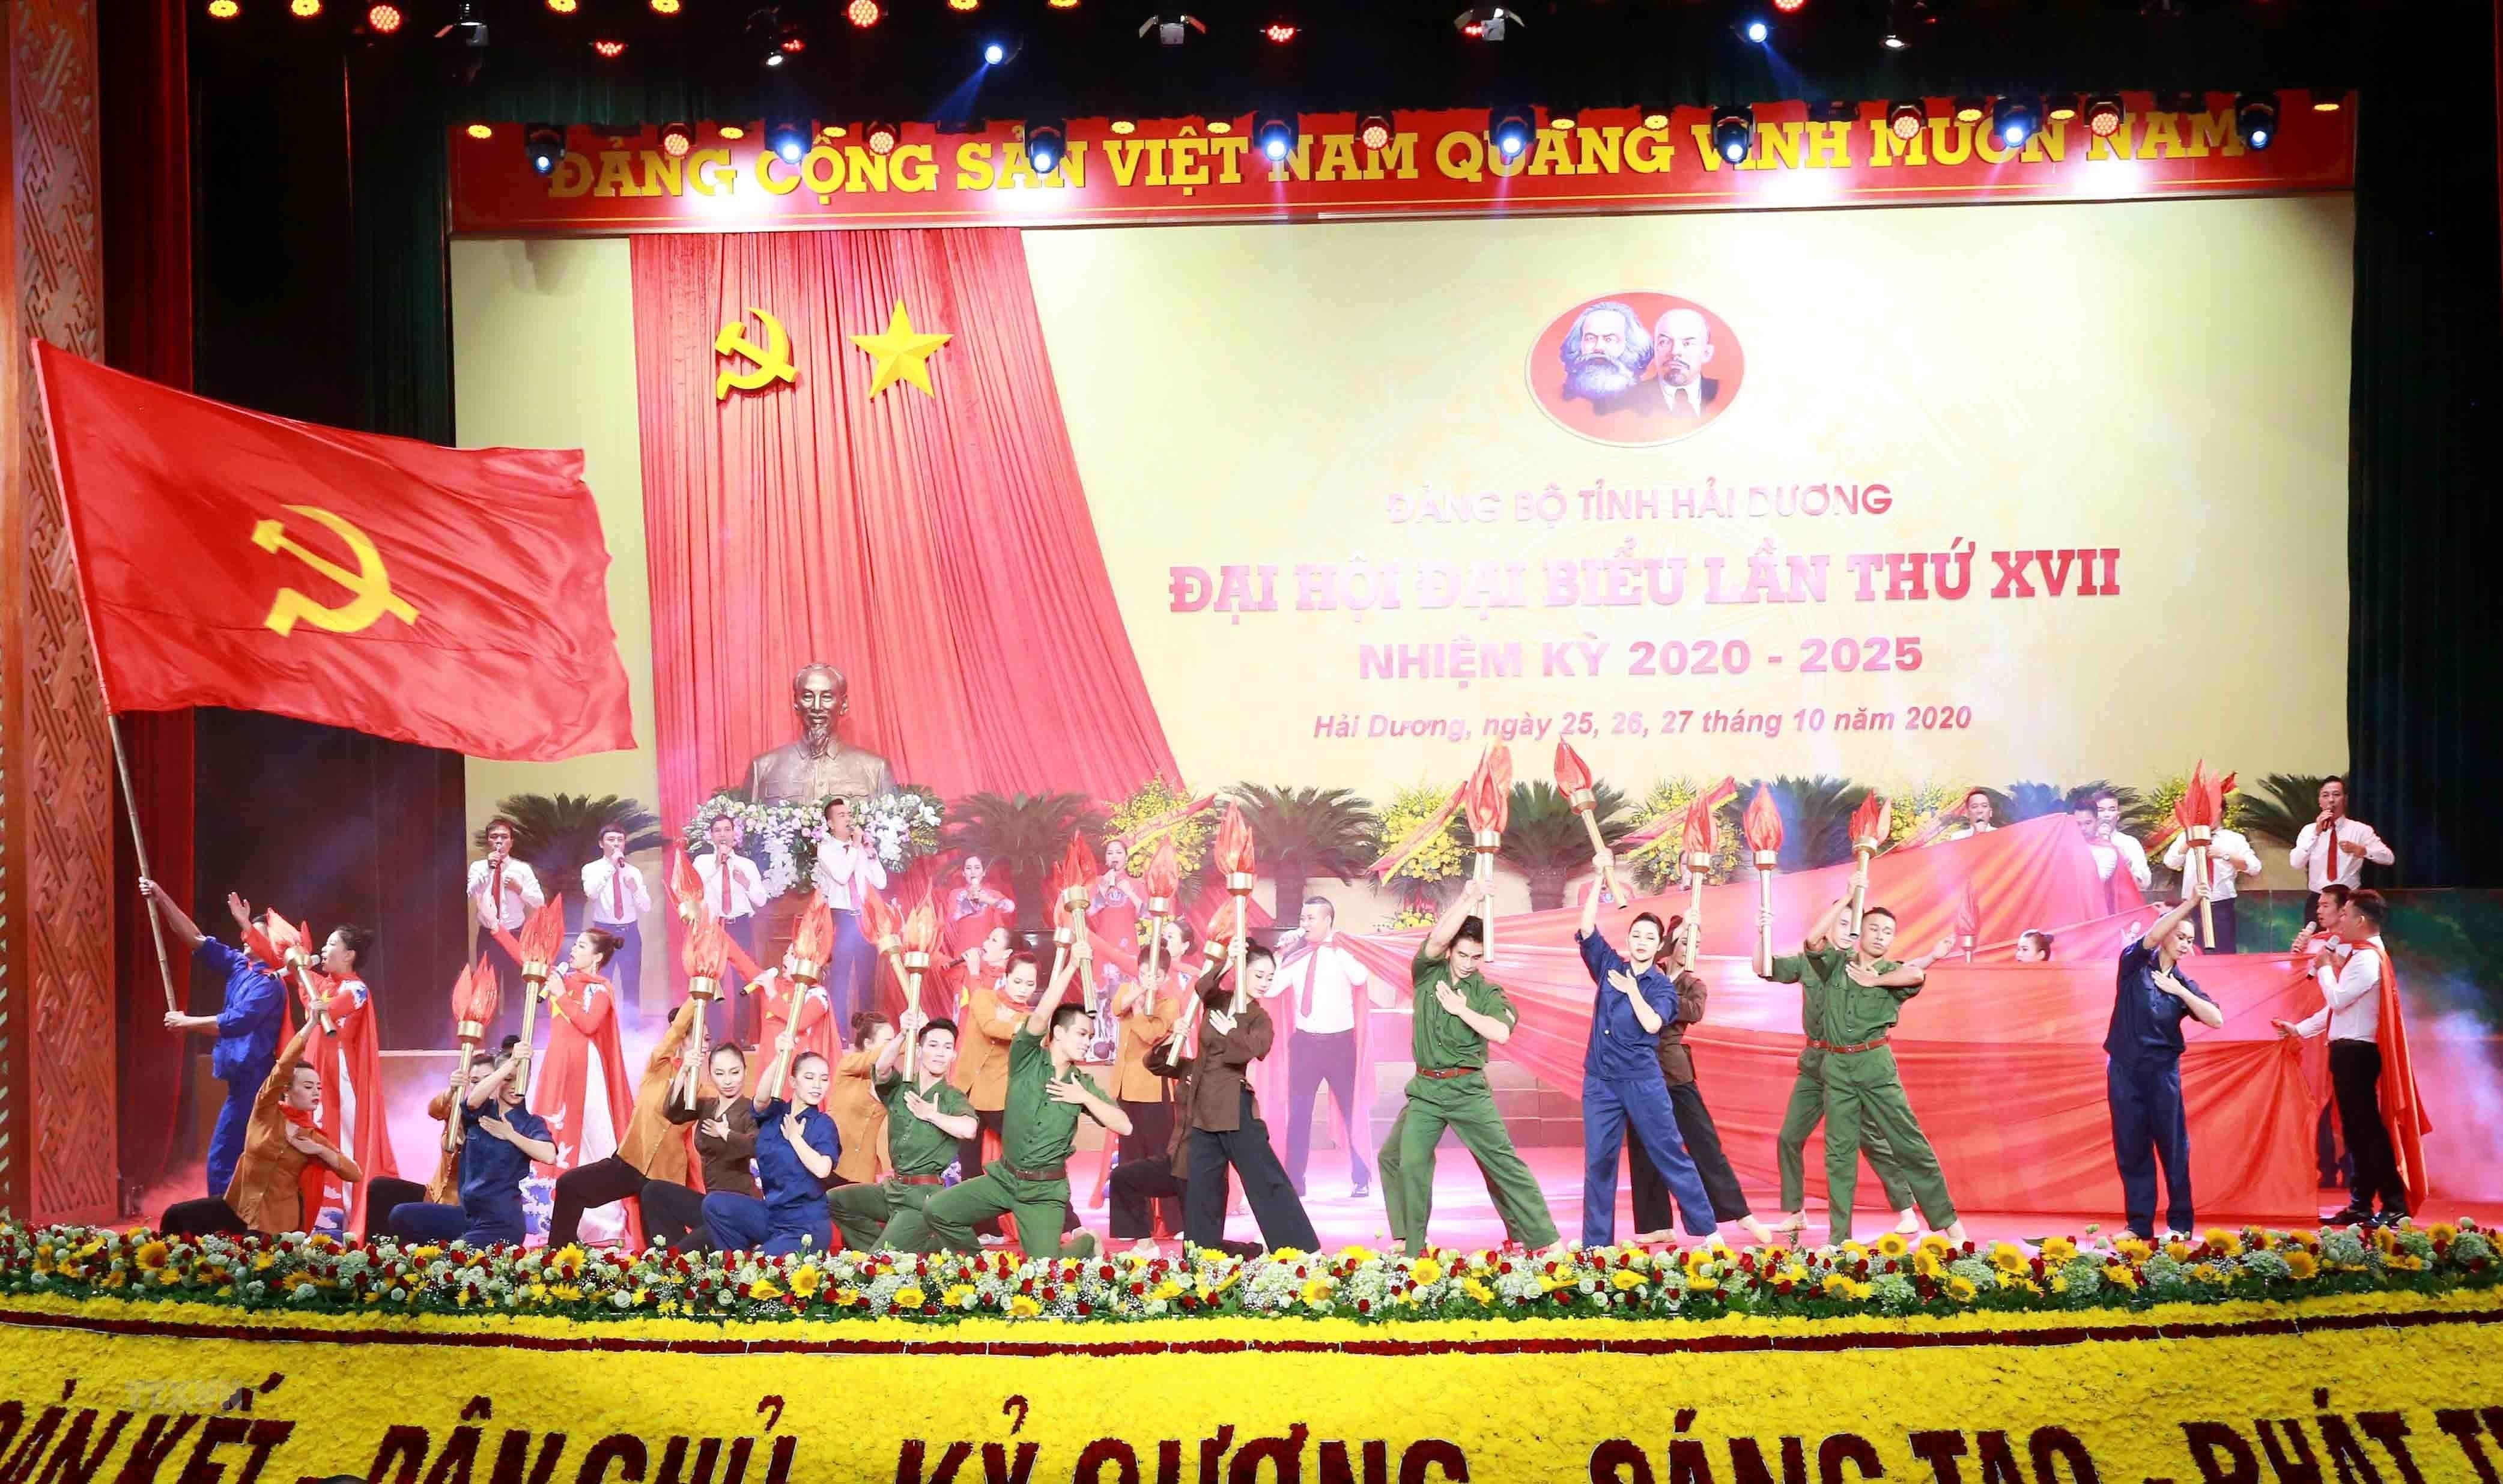 [Photo] Dai hoi dai bieu Dang bo tinh Hai Duong lan thu XVII hinh anh 4